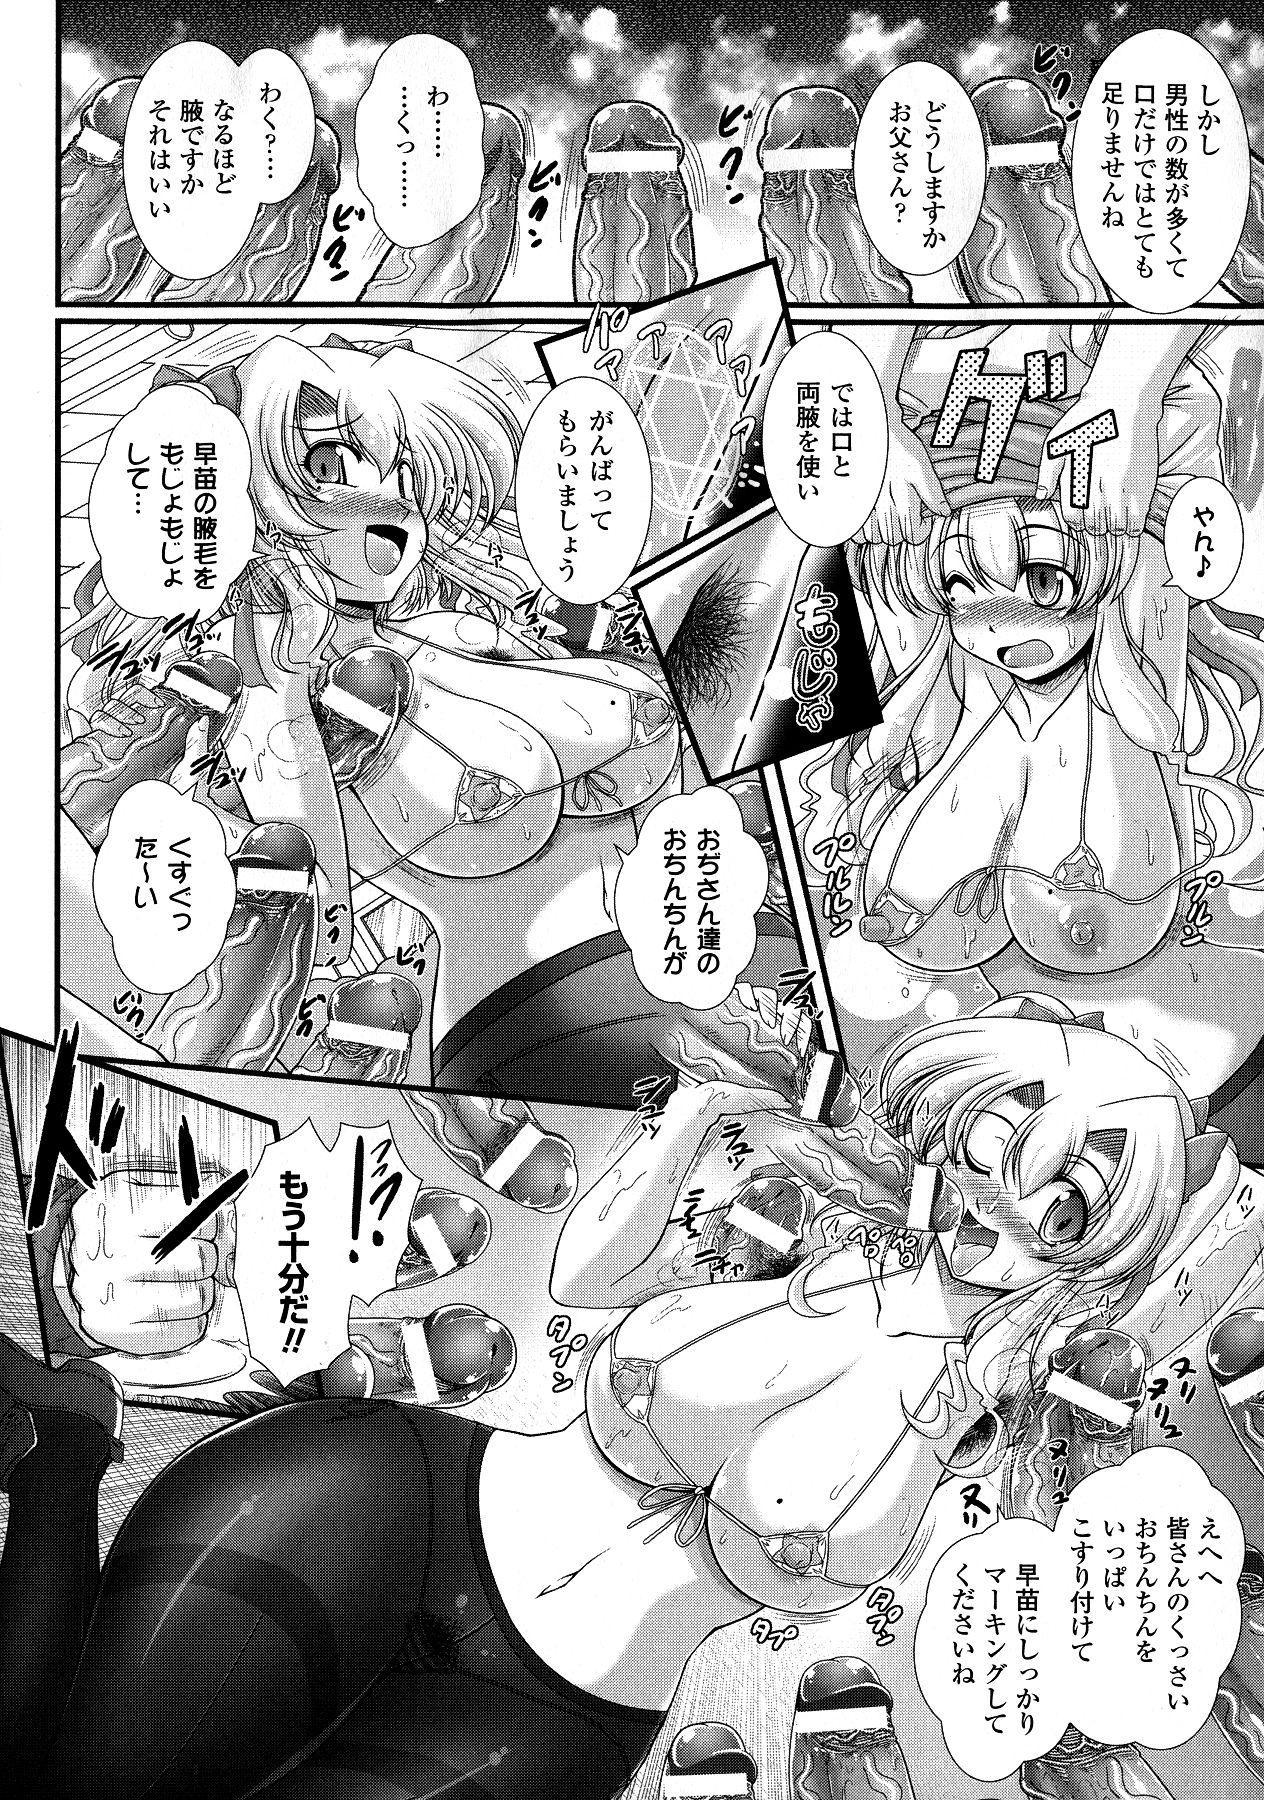 Akuma no Shitsumon 45